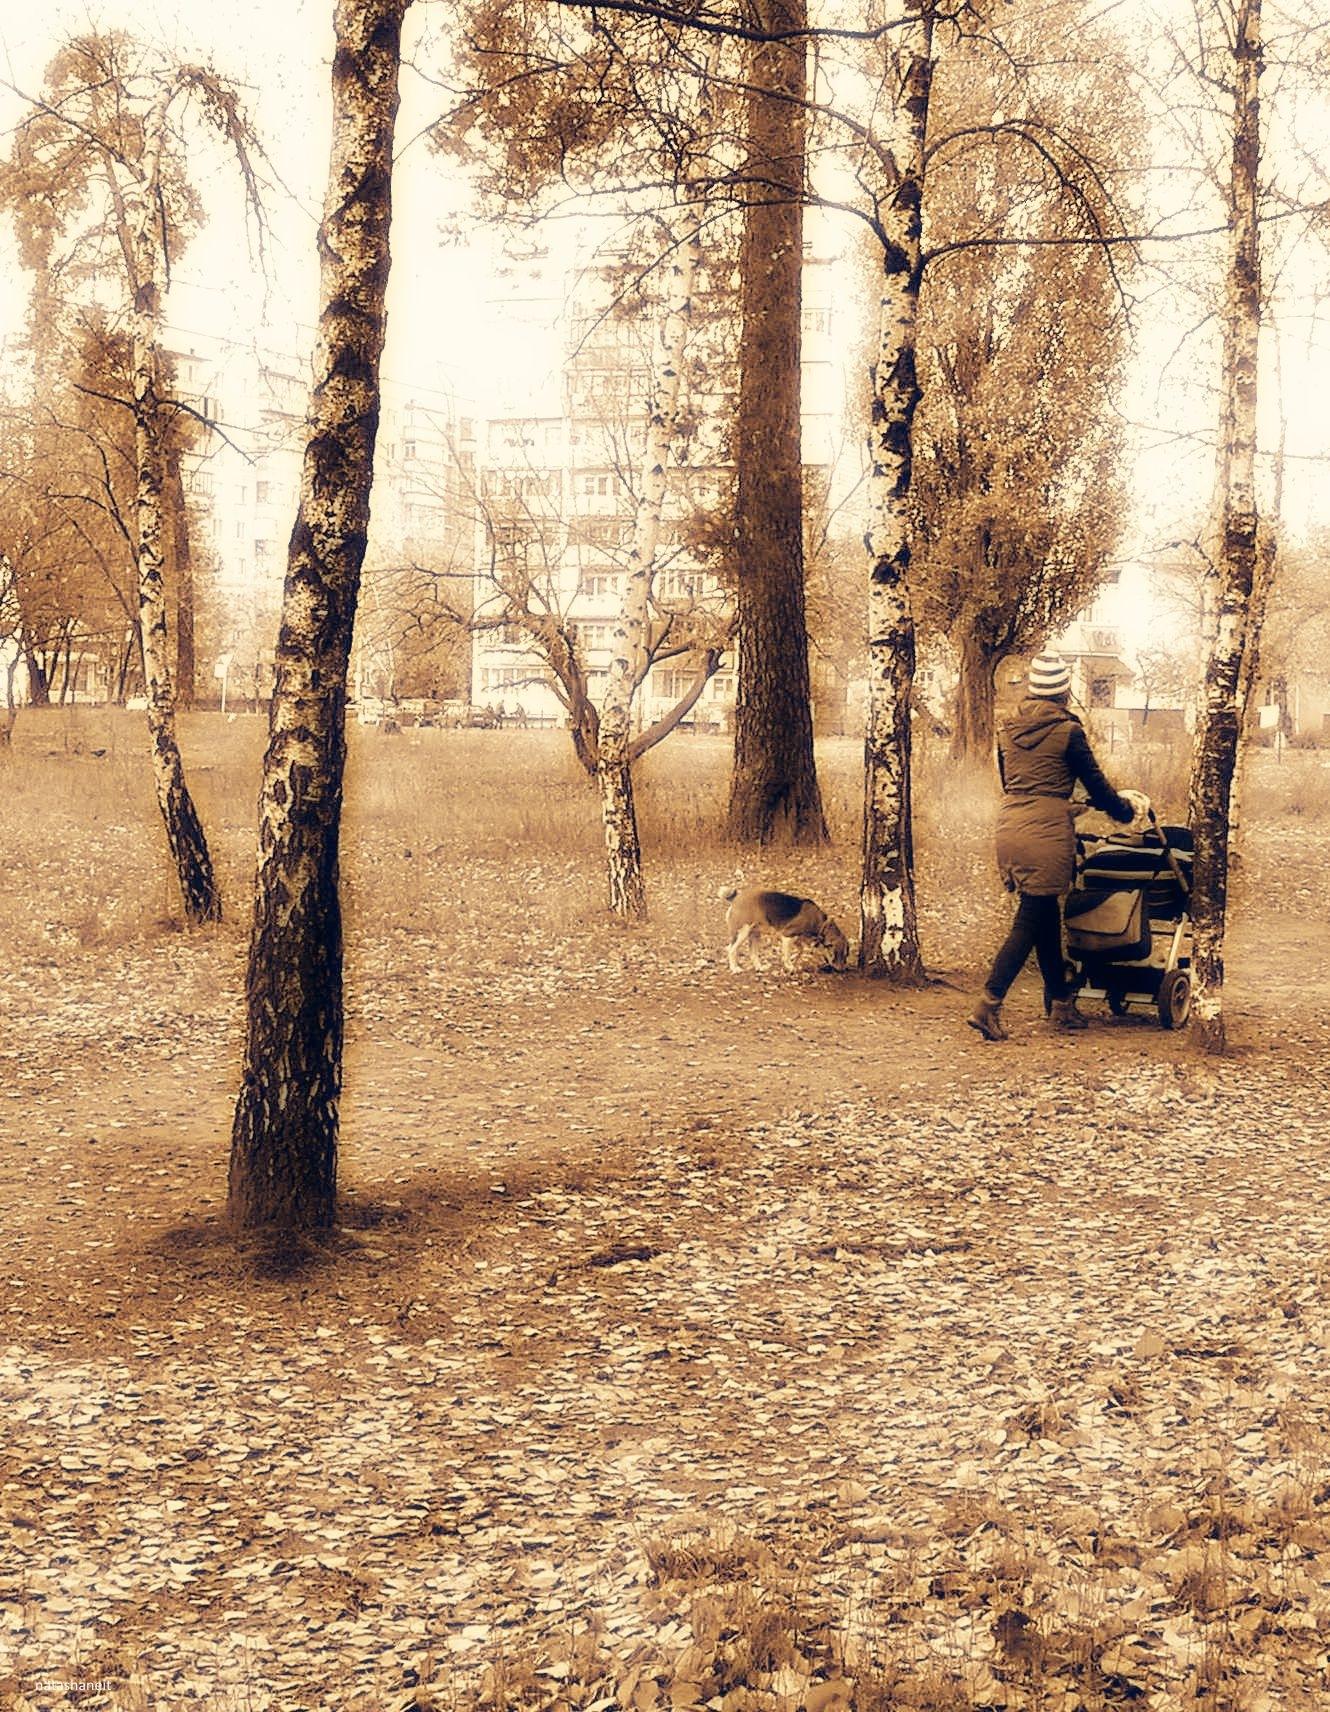 Autumn walk by natashaneit